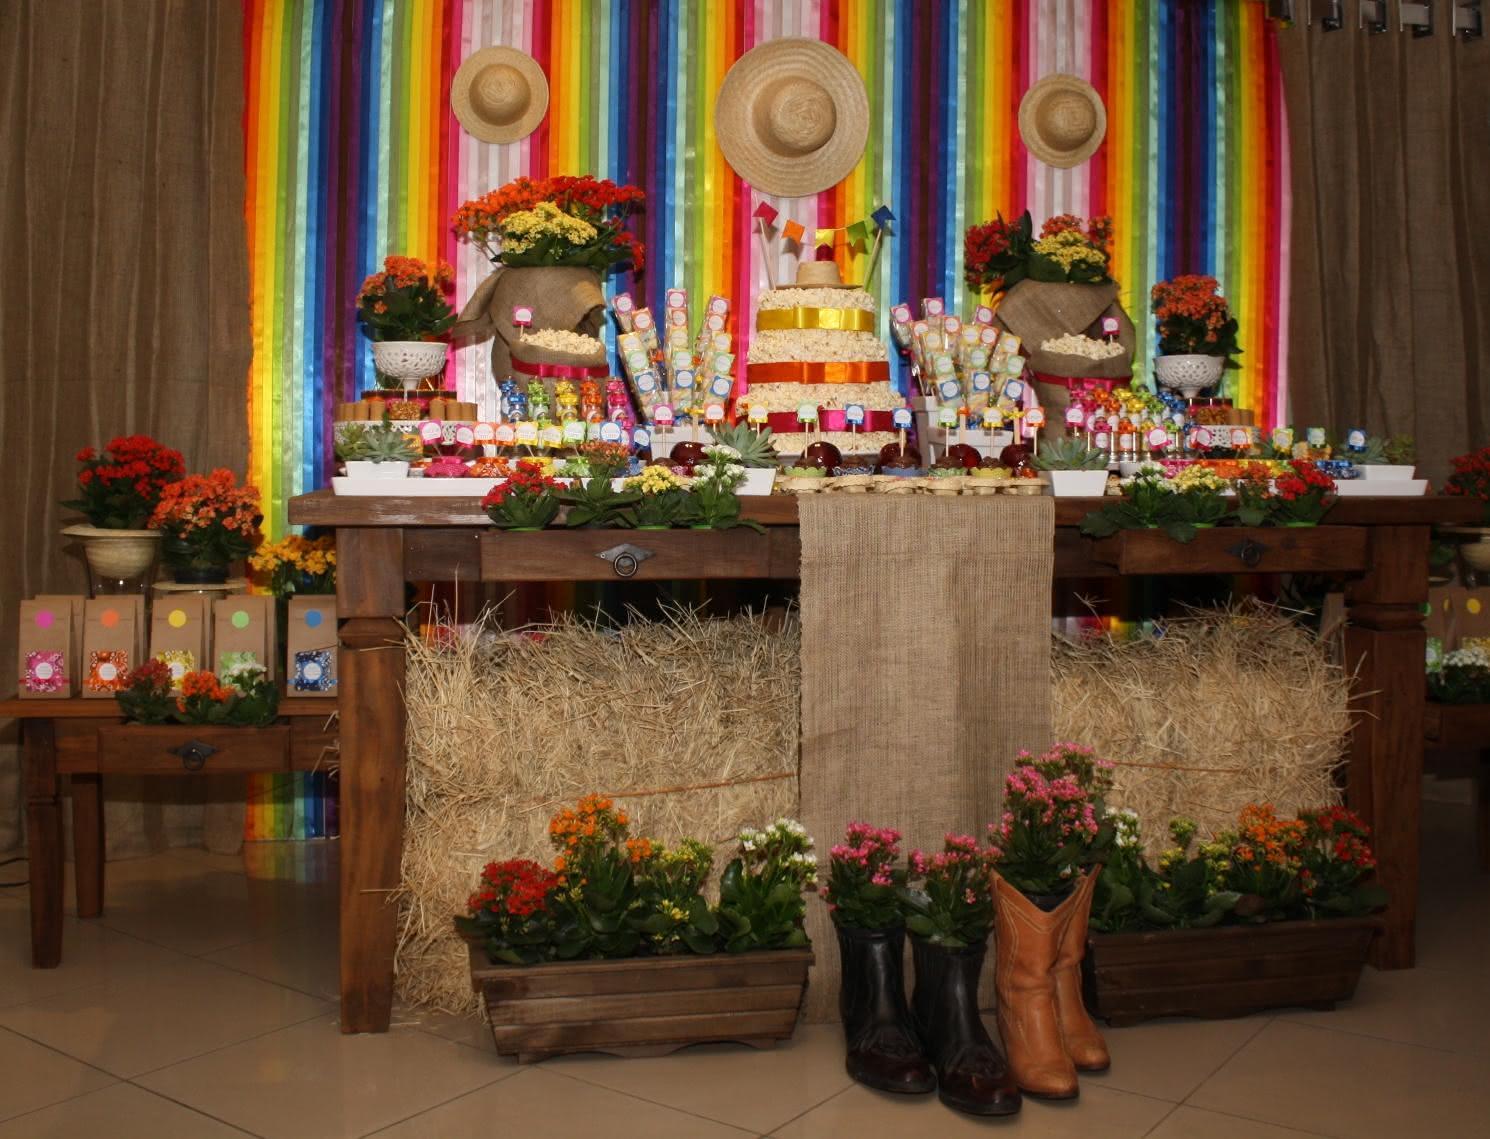 Imagem 2 – Mesa com comidas para decoração de Festa Junina